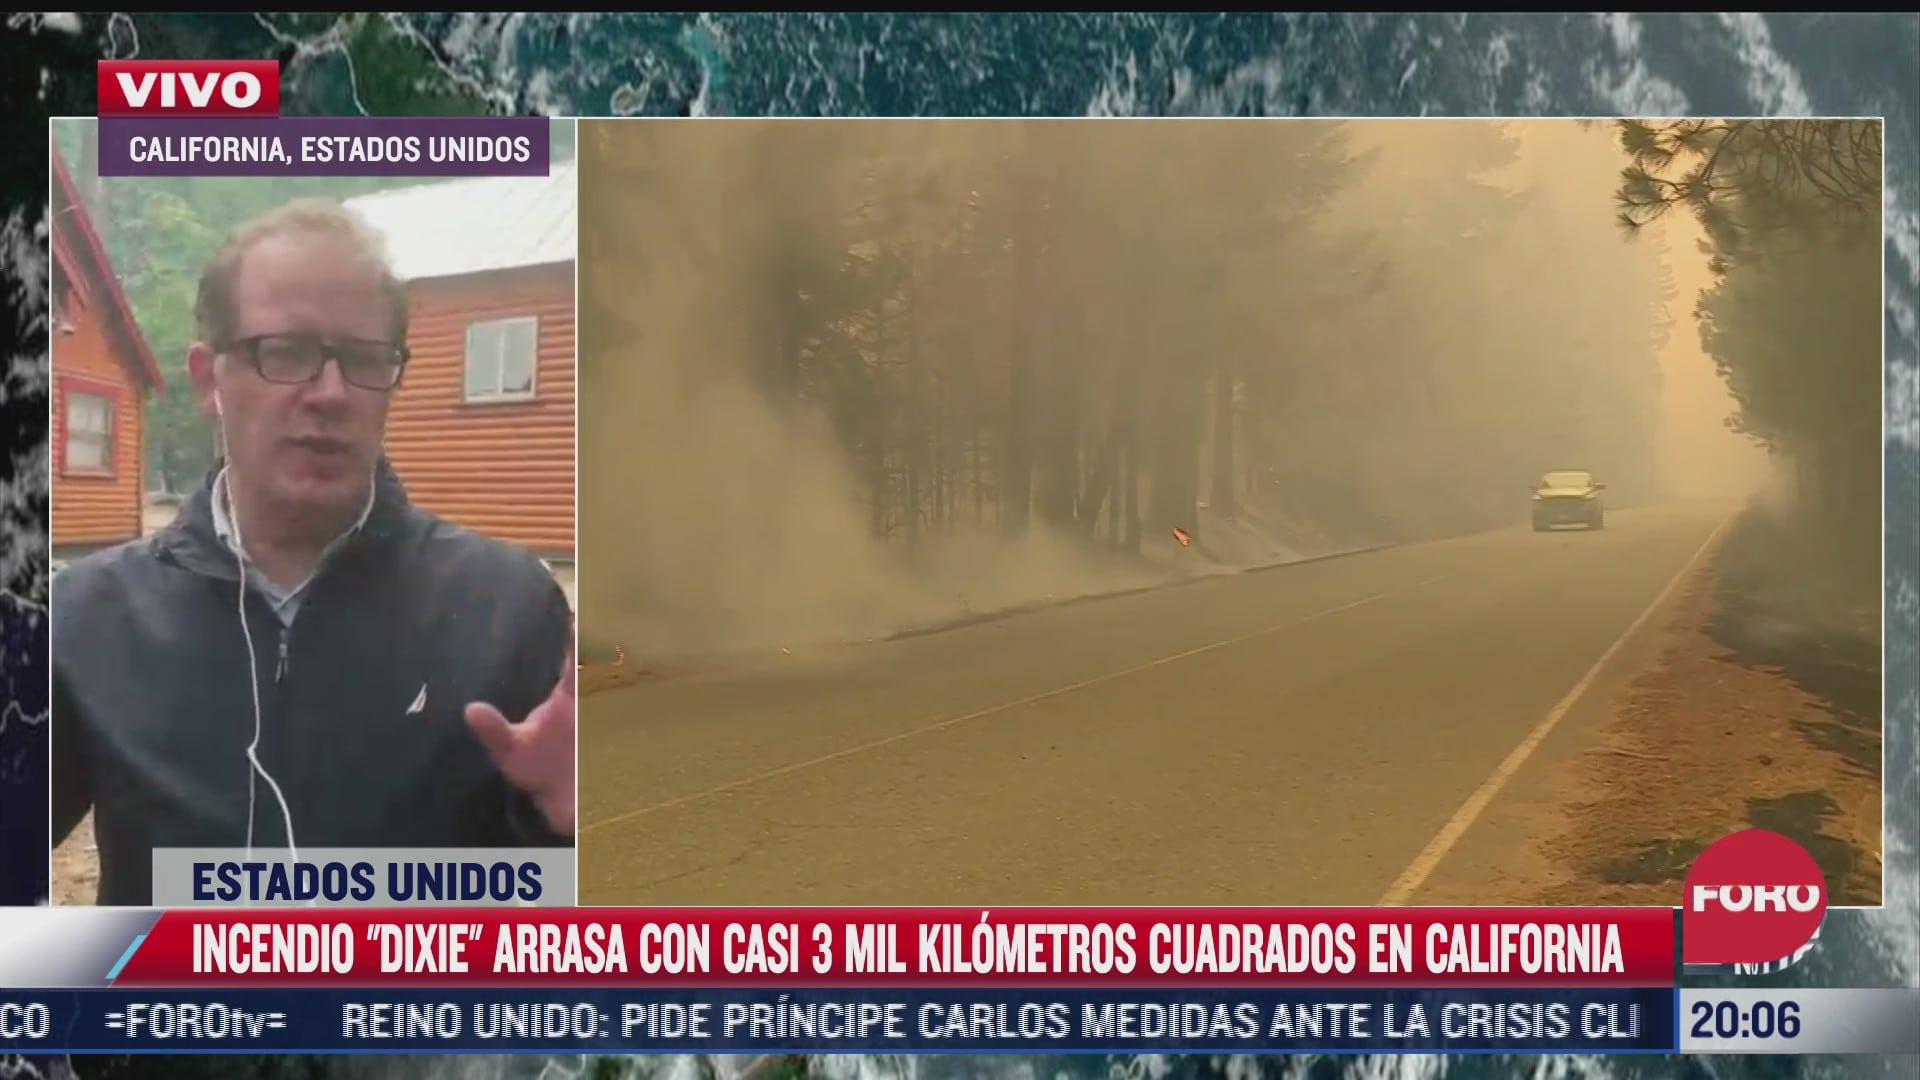 incendio dixie arrasa con casi 3 mil kilometros cuadrados en california